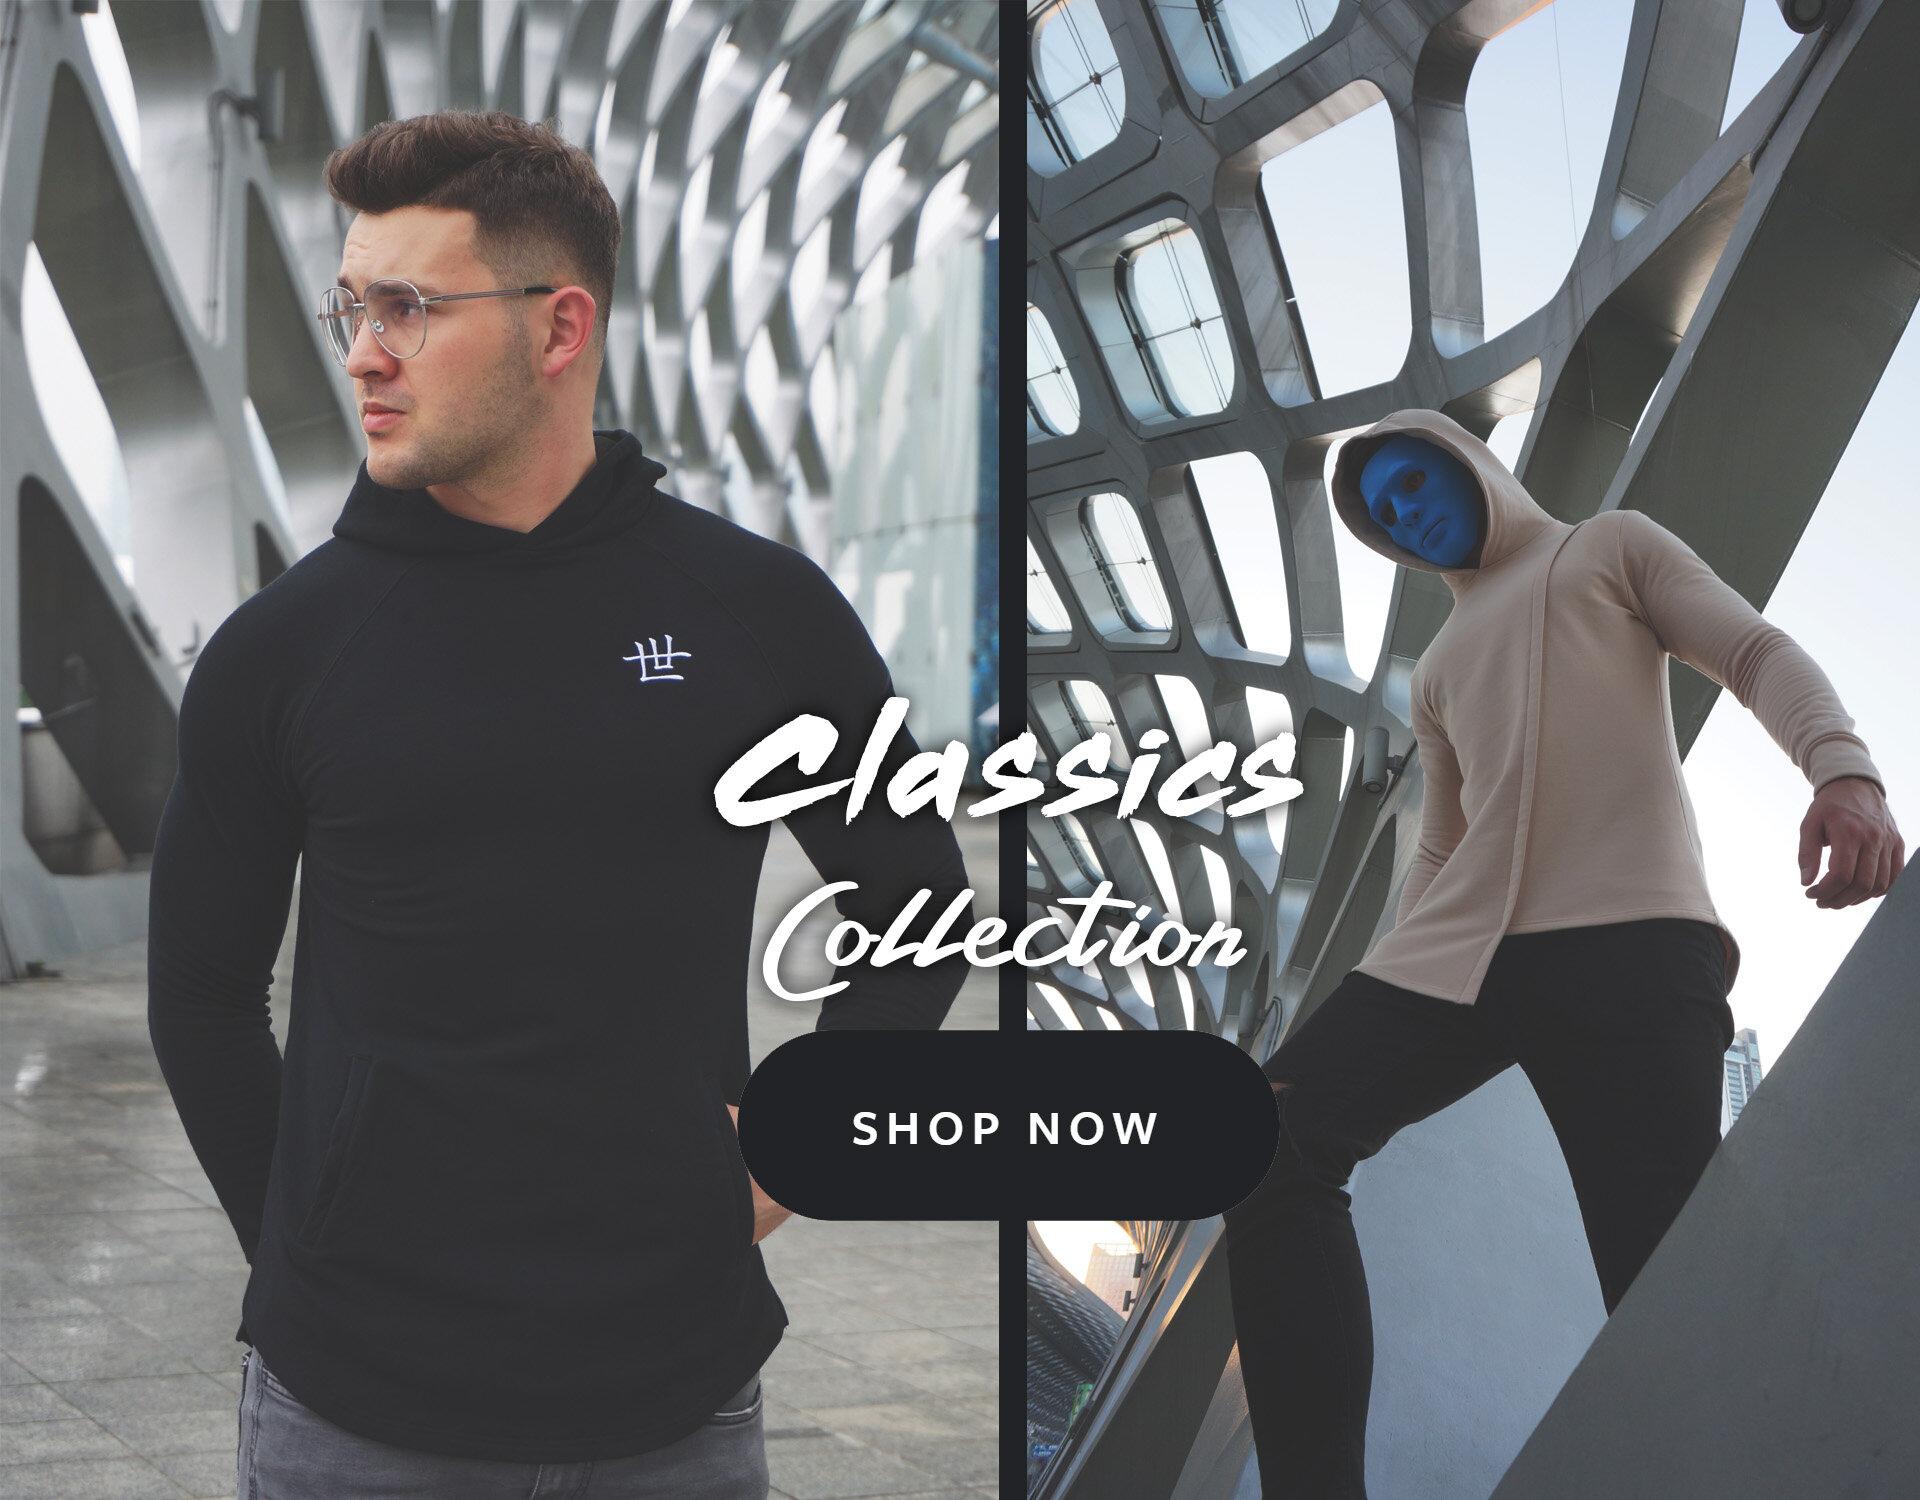 zailevel-apparel4blackCOLLECTION-SHOPNOW.jpg